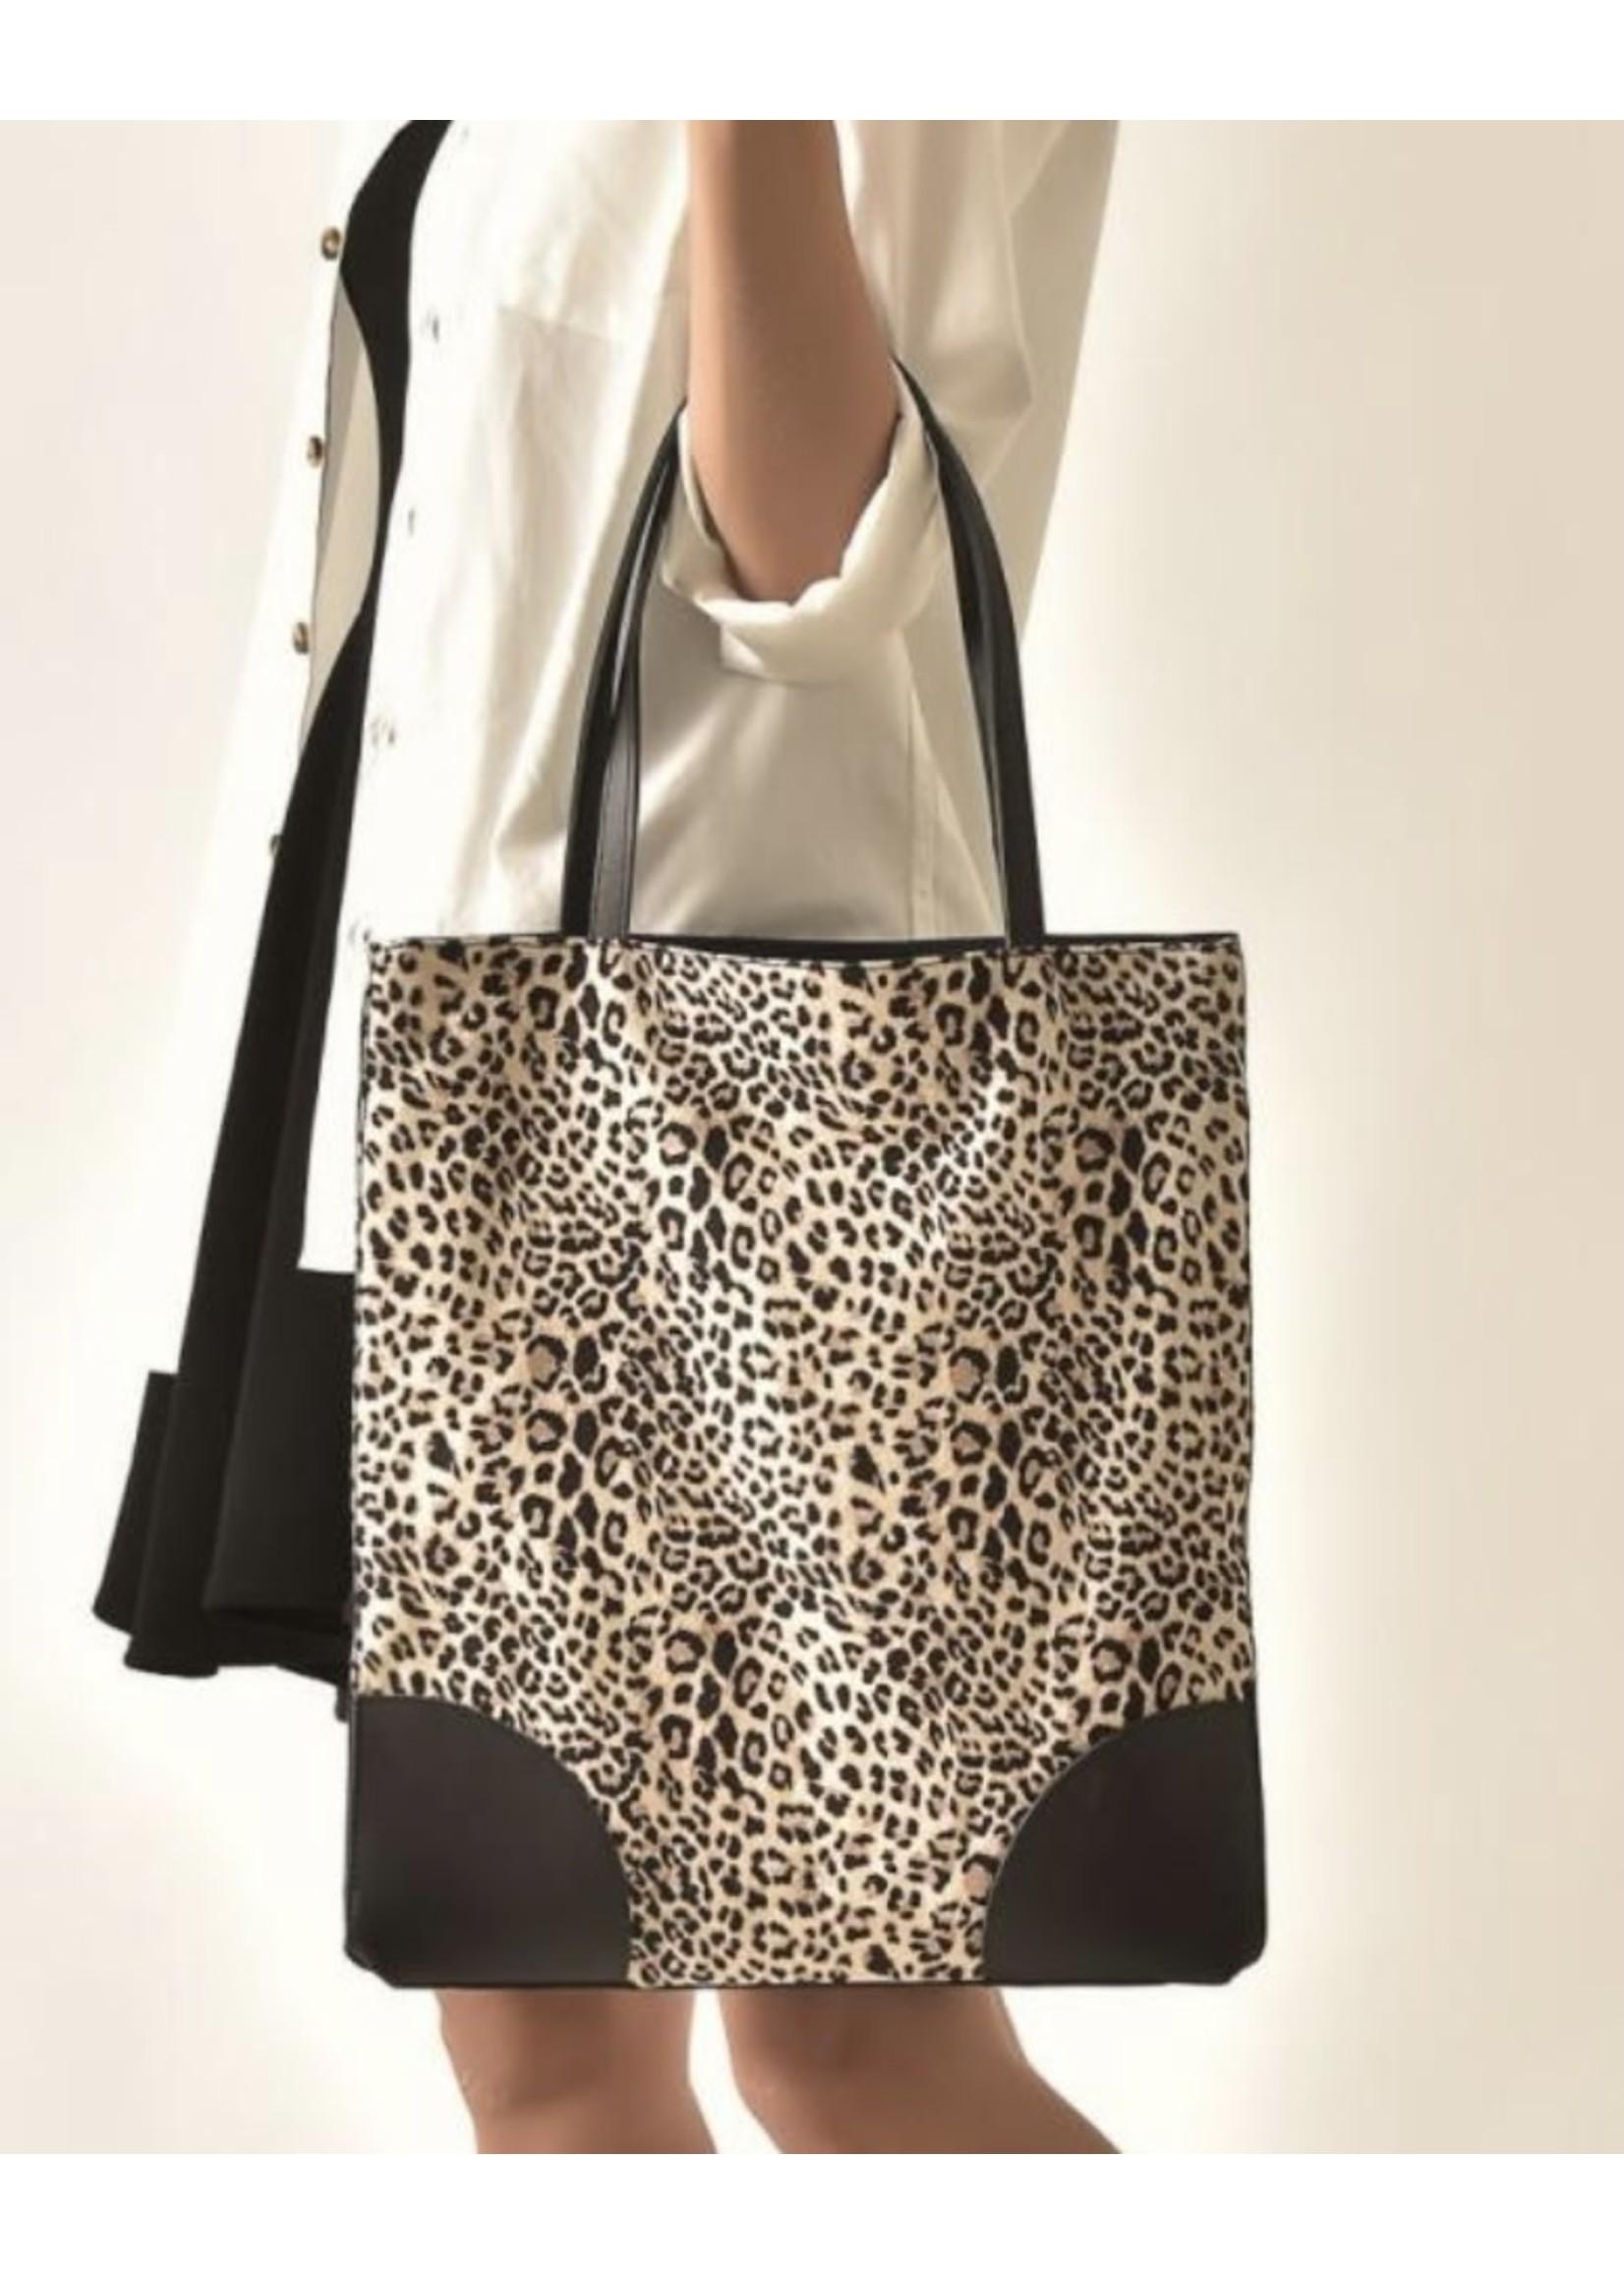 cott n curls Leopard Book Bag